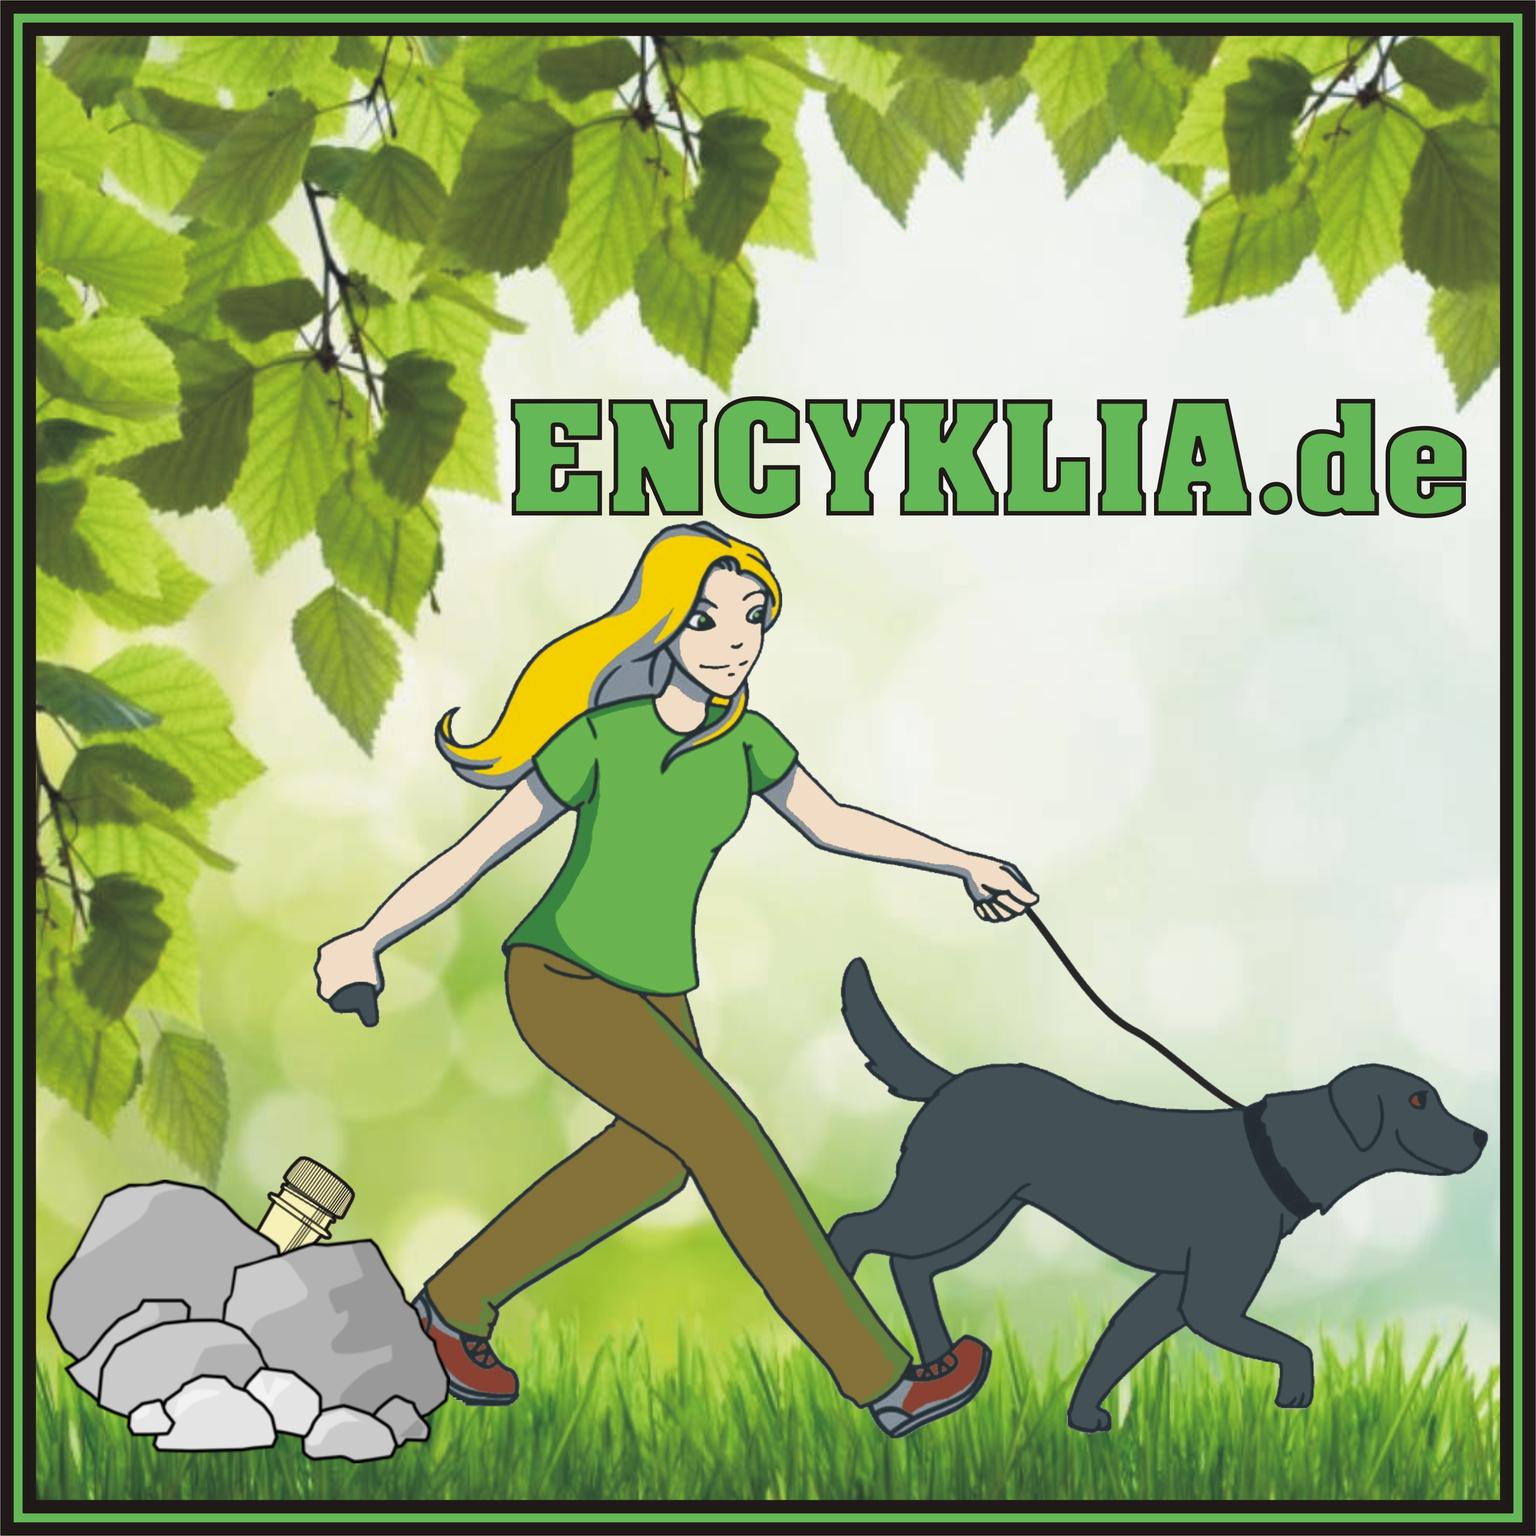 Encylkia